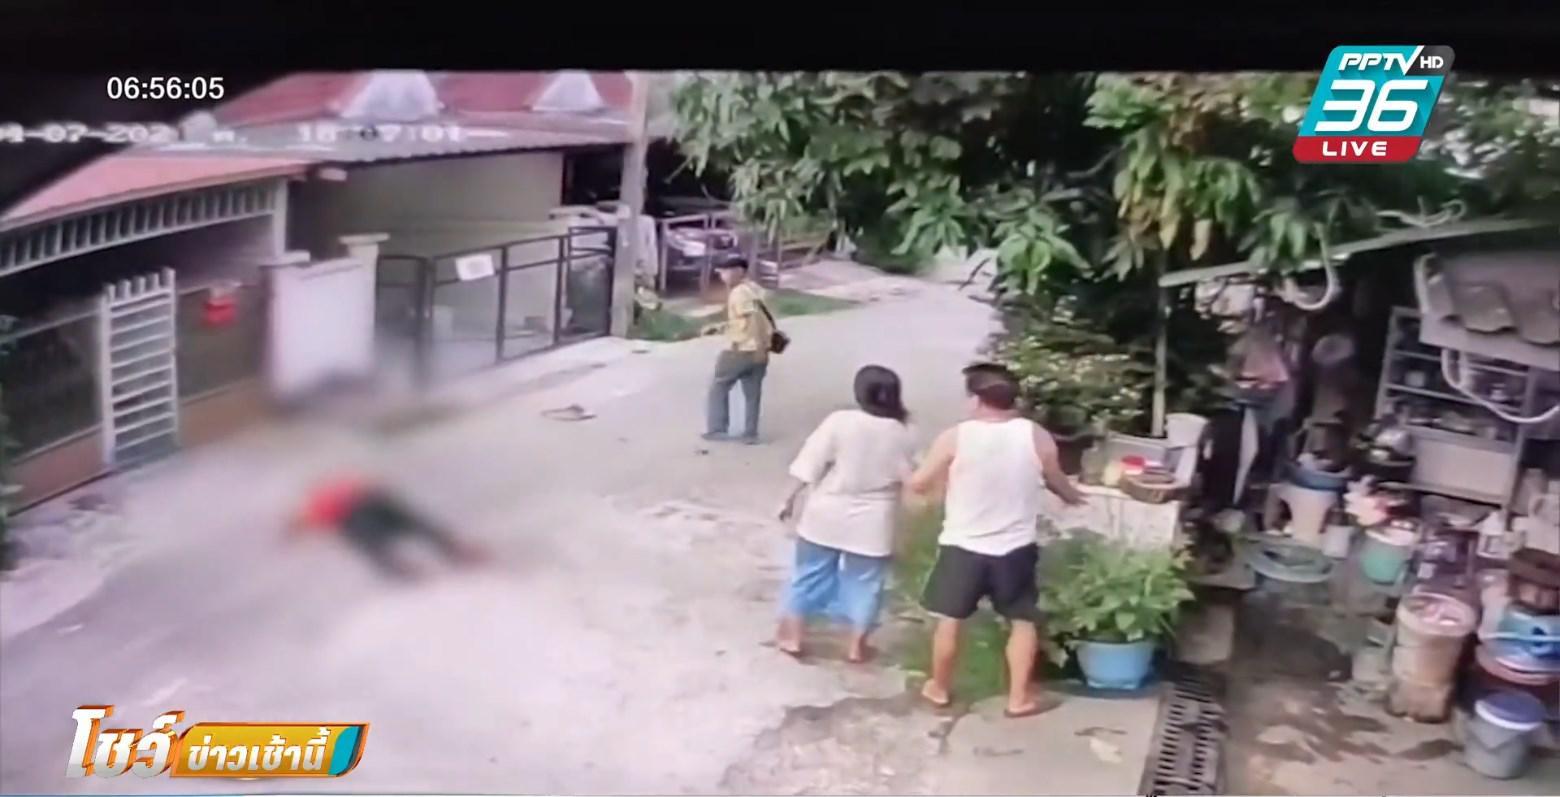 พ่อค้ากุ้ง ฉุน ถูกเตือนขับรถเร็ว ตามยิงคู่กรณีดับ ถึงหน้าบ้าน